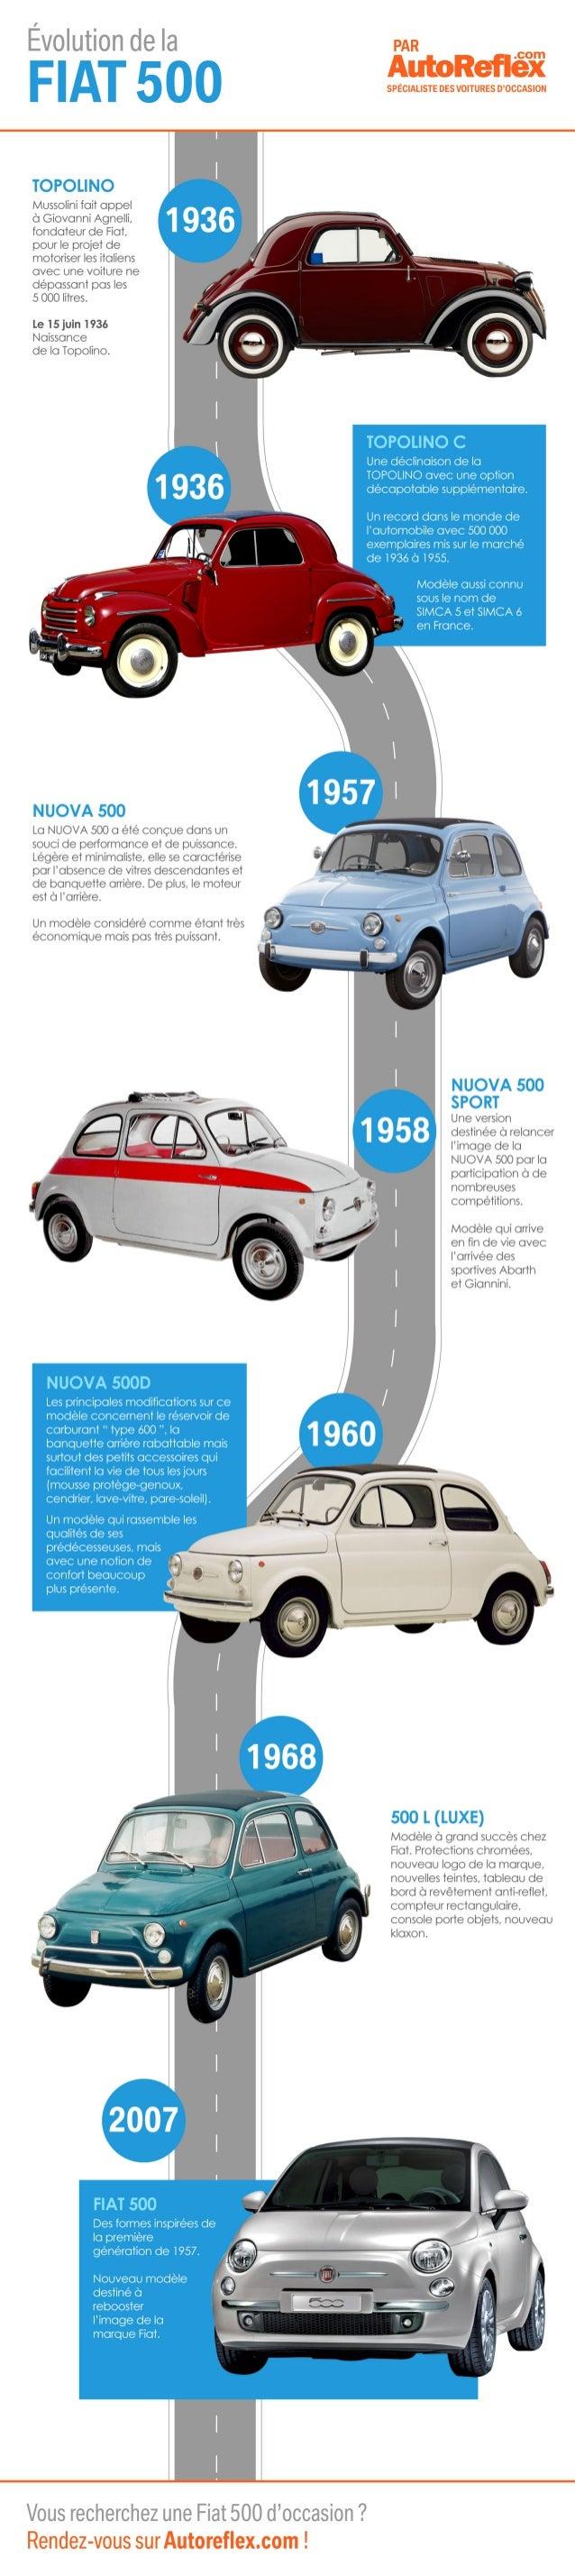 Autoreflex - Infographie Evolution Golf